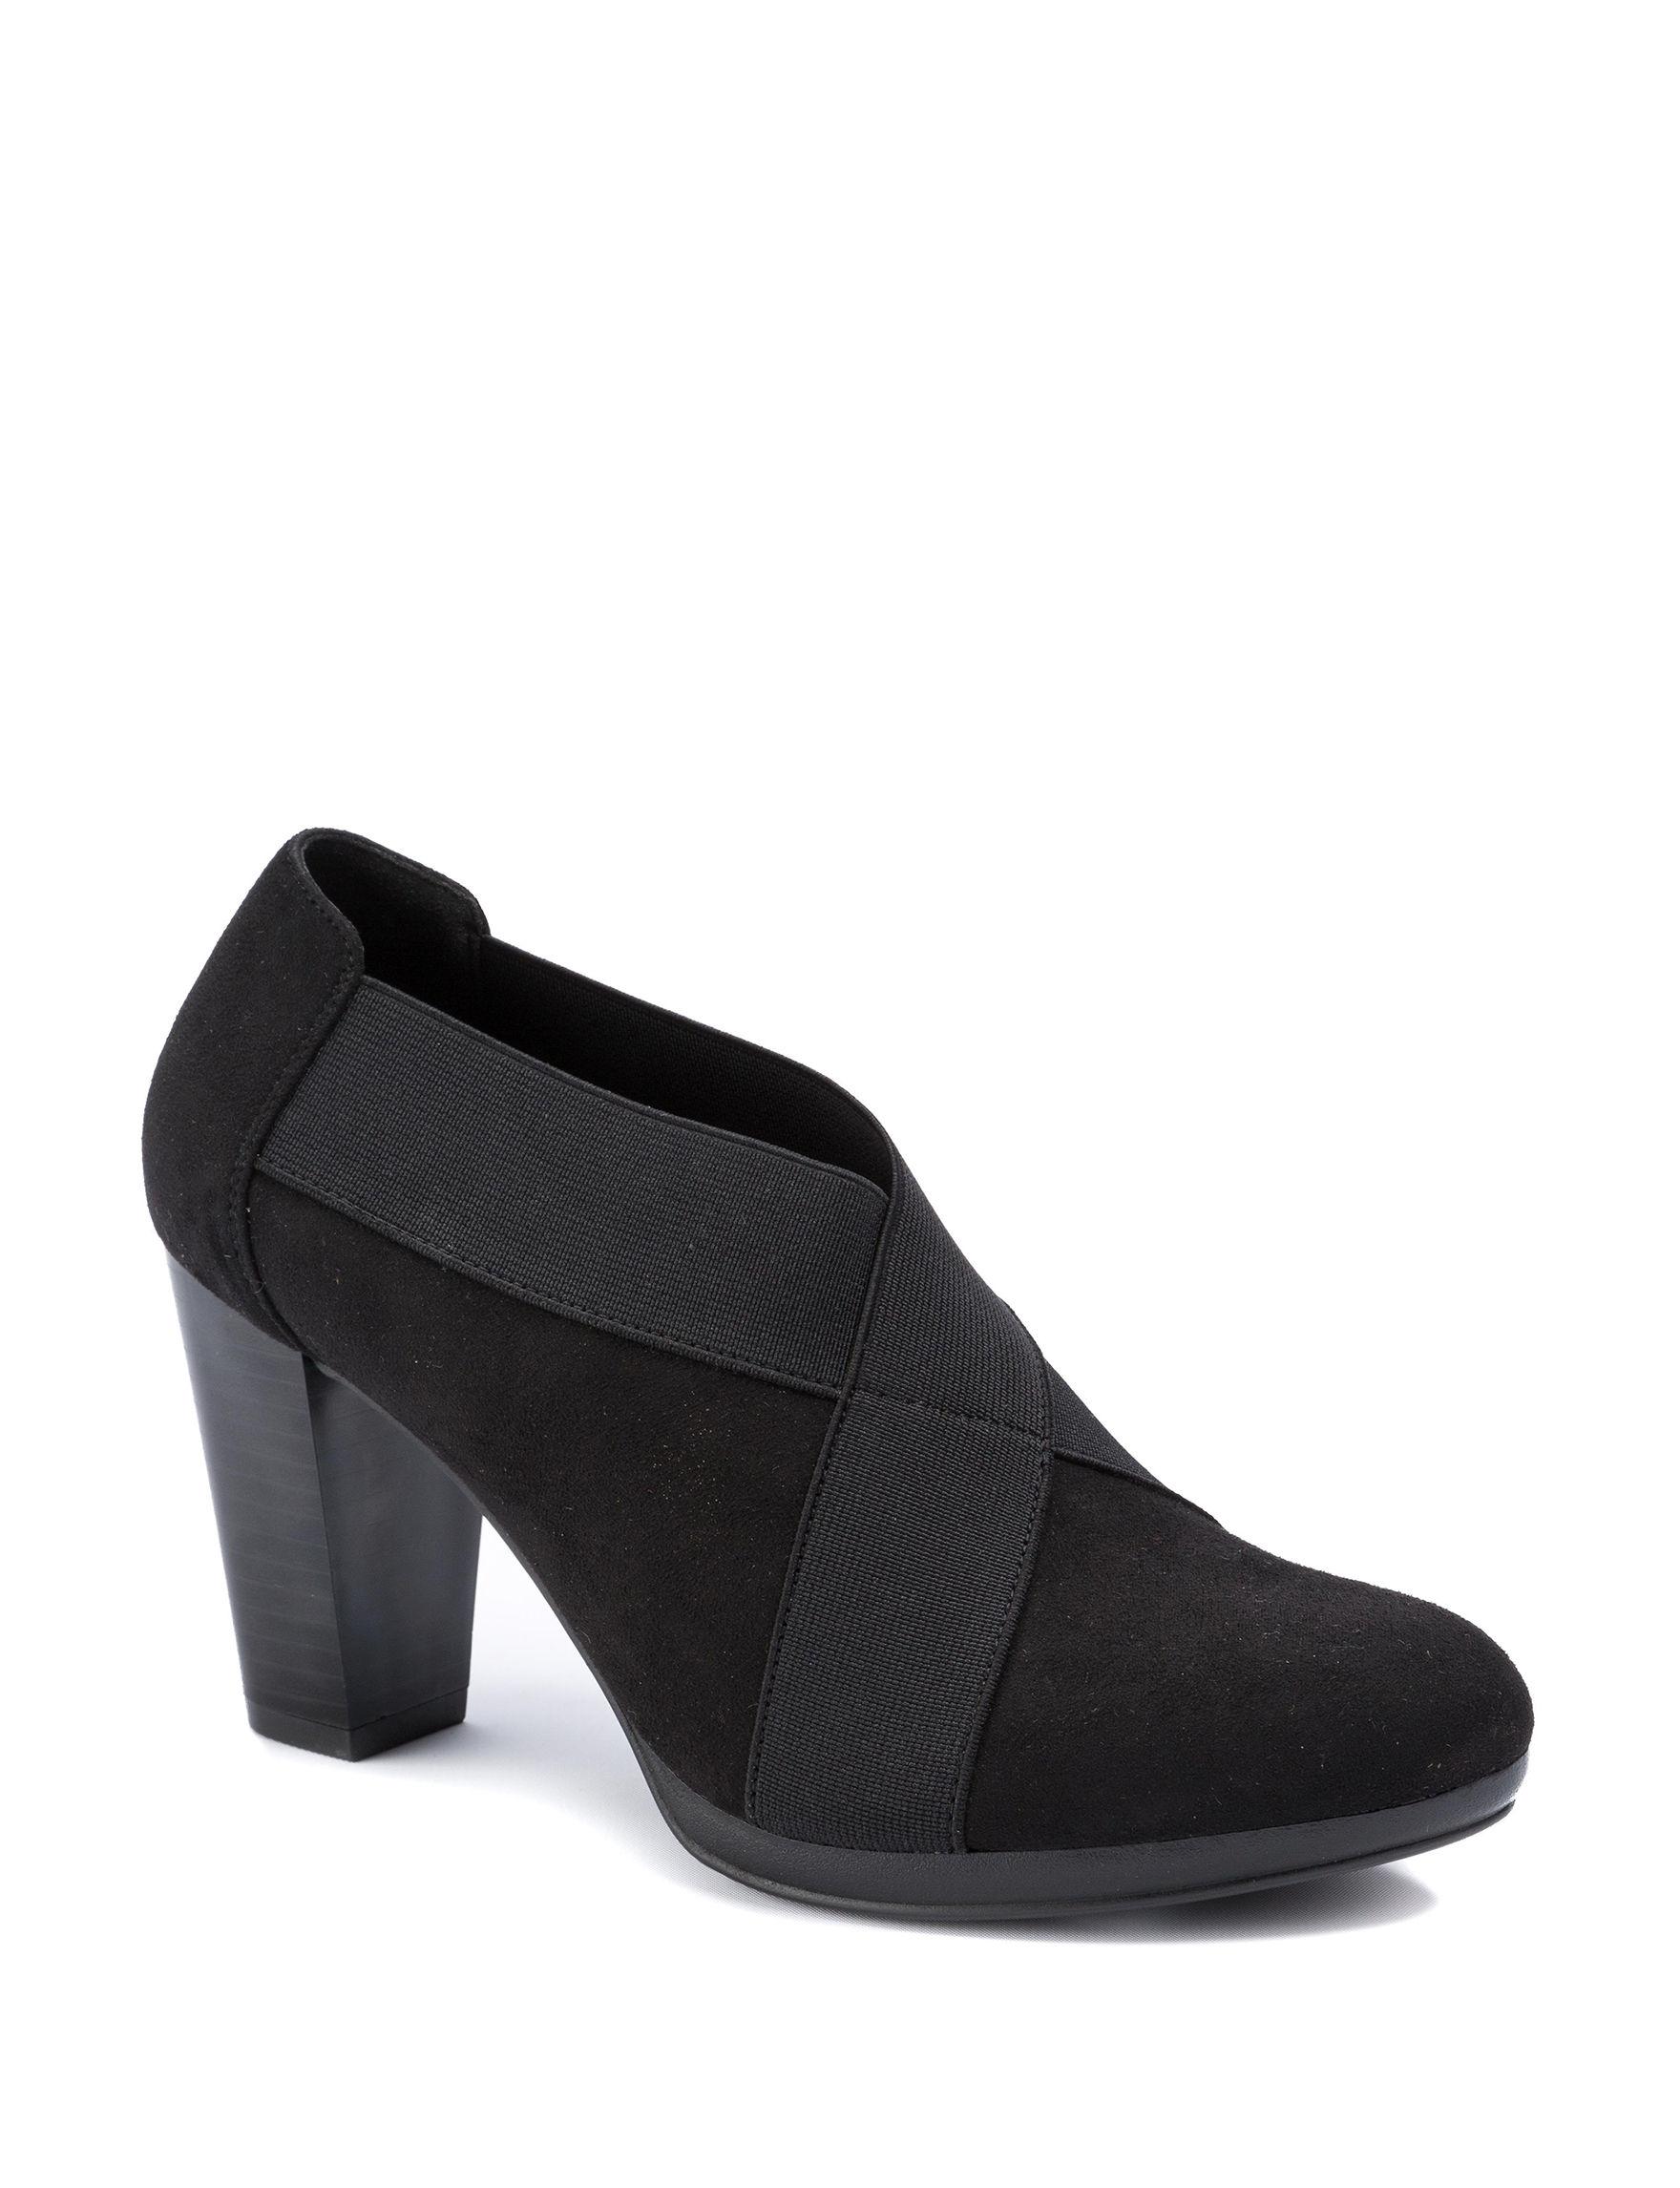 Andrew Geller Black Ankle Boots & Booties Comfort Shoes